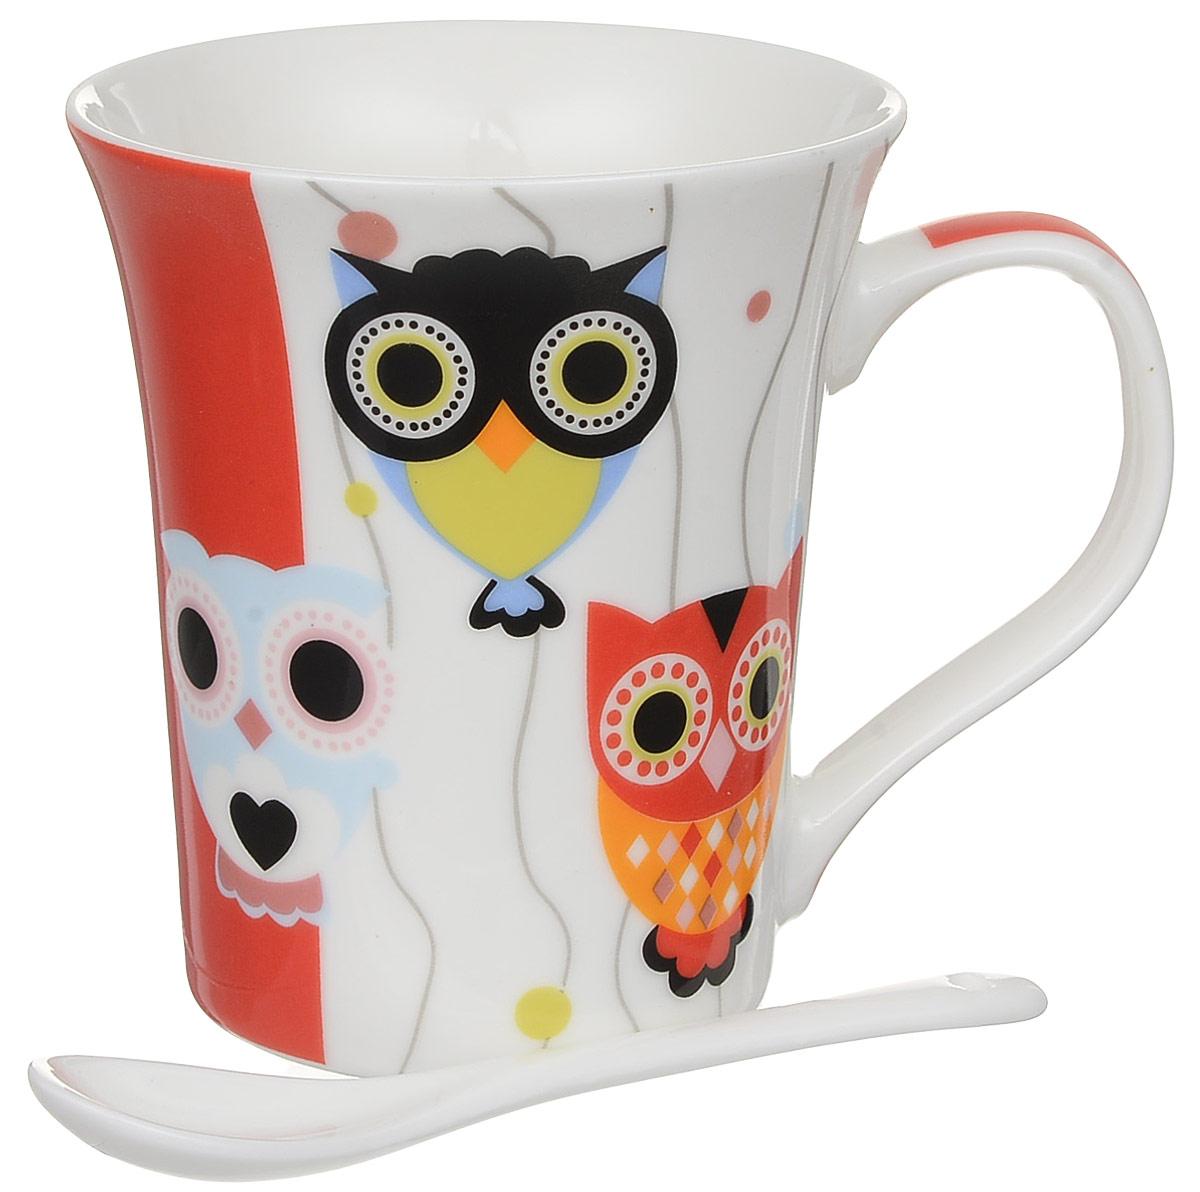 Кружка Доляна Совята, с ложкой, 300 мл68/5/2Кружка Доляна Совята, изготовленная из высококачественной глазурованной керамики, снабжена удобной ручкой. Такая кружка прекрасно оформит стол к чаепитию.В комплект входит чайная ложка. Объем кружки: 300 мл.Диаметр кружки (по верхнему краю): 9,5 см.Высота кружки: 10,5 см.Длина ложки: 10 см.Размер рабочей части ложки: 4 х 2,5 см.